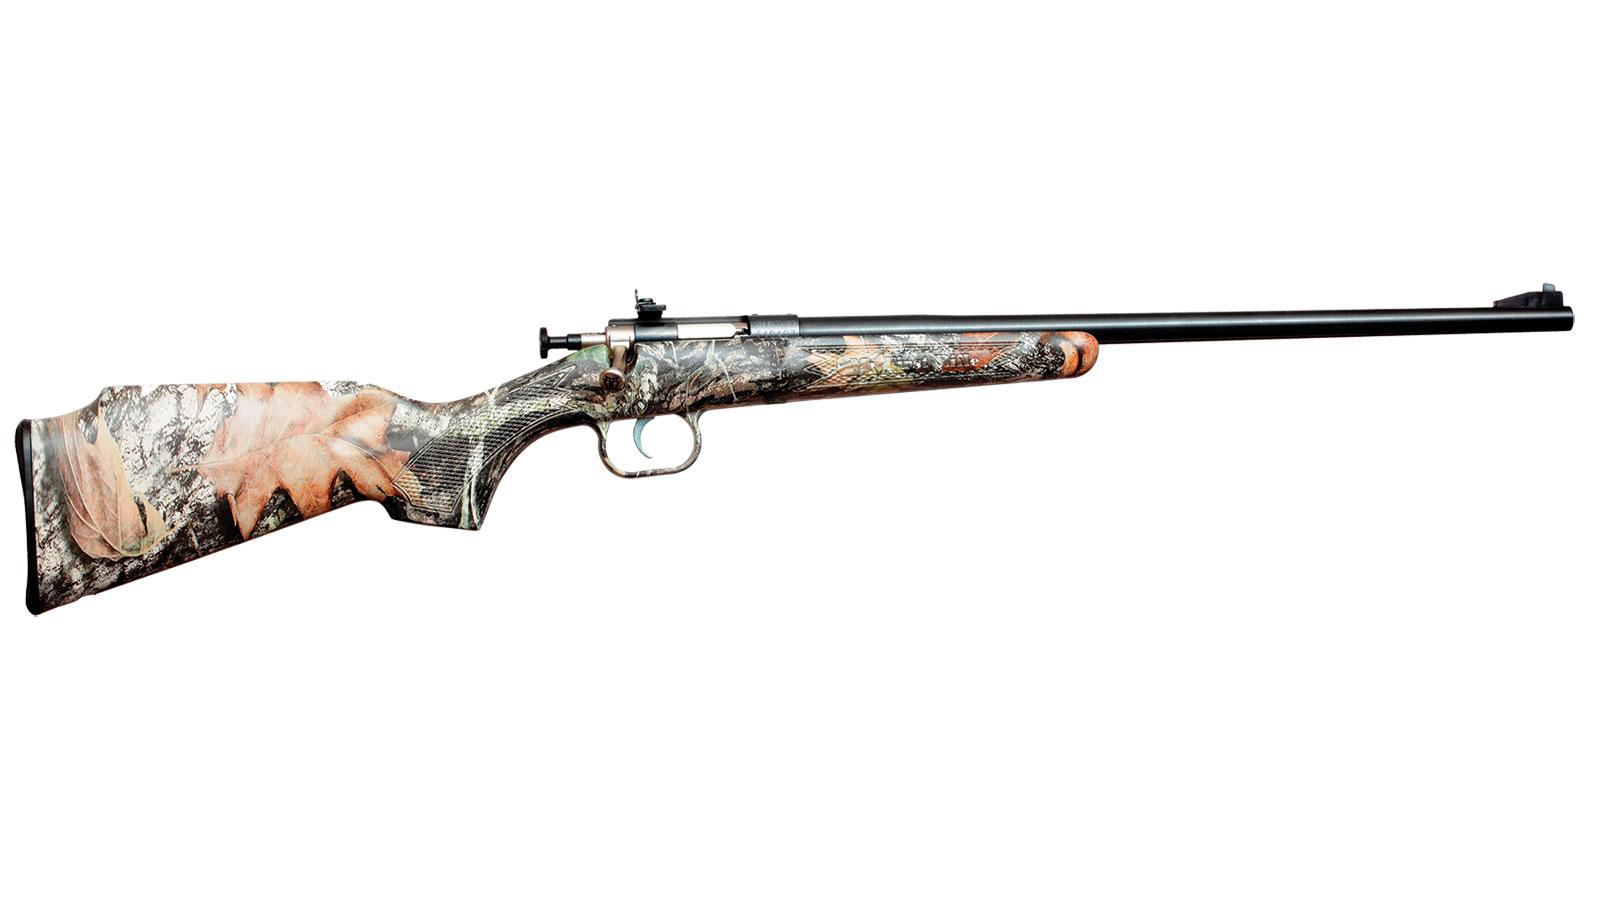 Crickett KSA2284 Single Shot Synthetic Bolt 22 Winchester Magnum Rimfire (WMR) 16.125 1 Synthetic Mossy Oak Break-Up Stk Blued in.